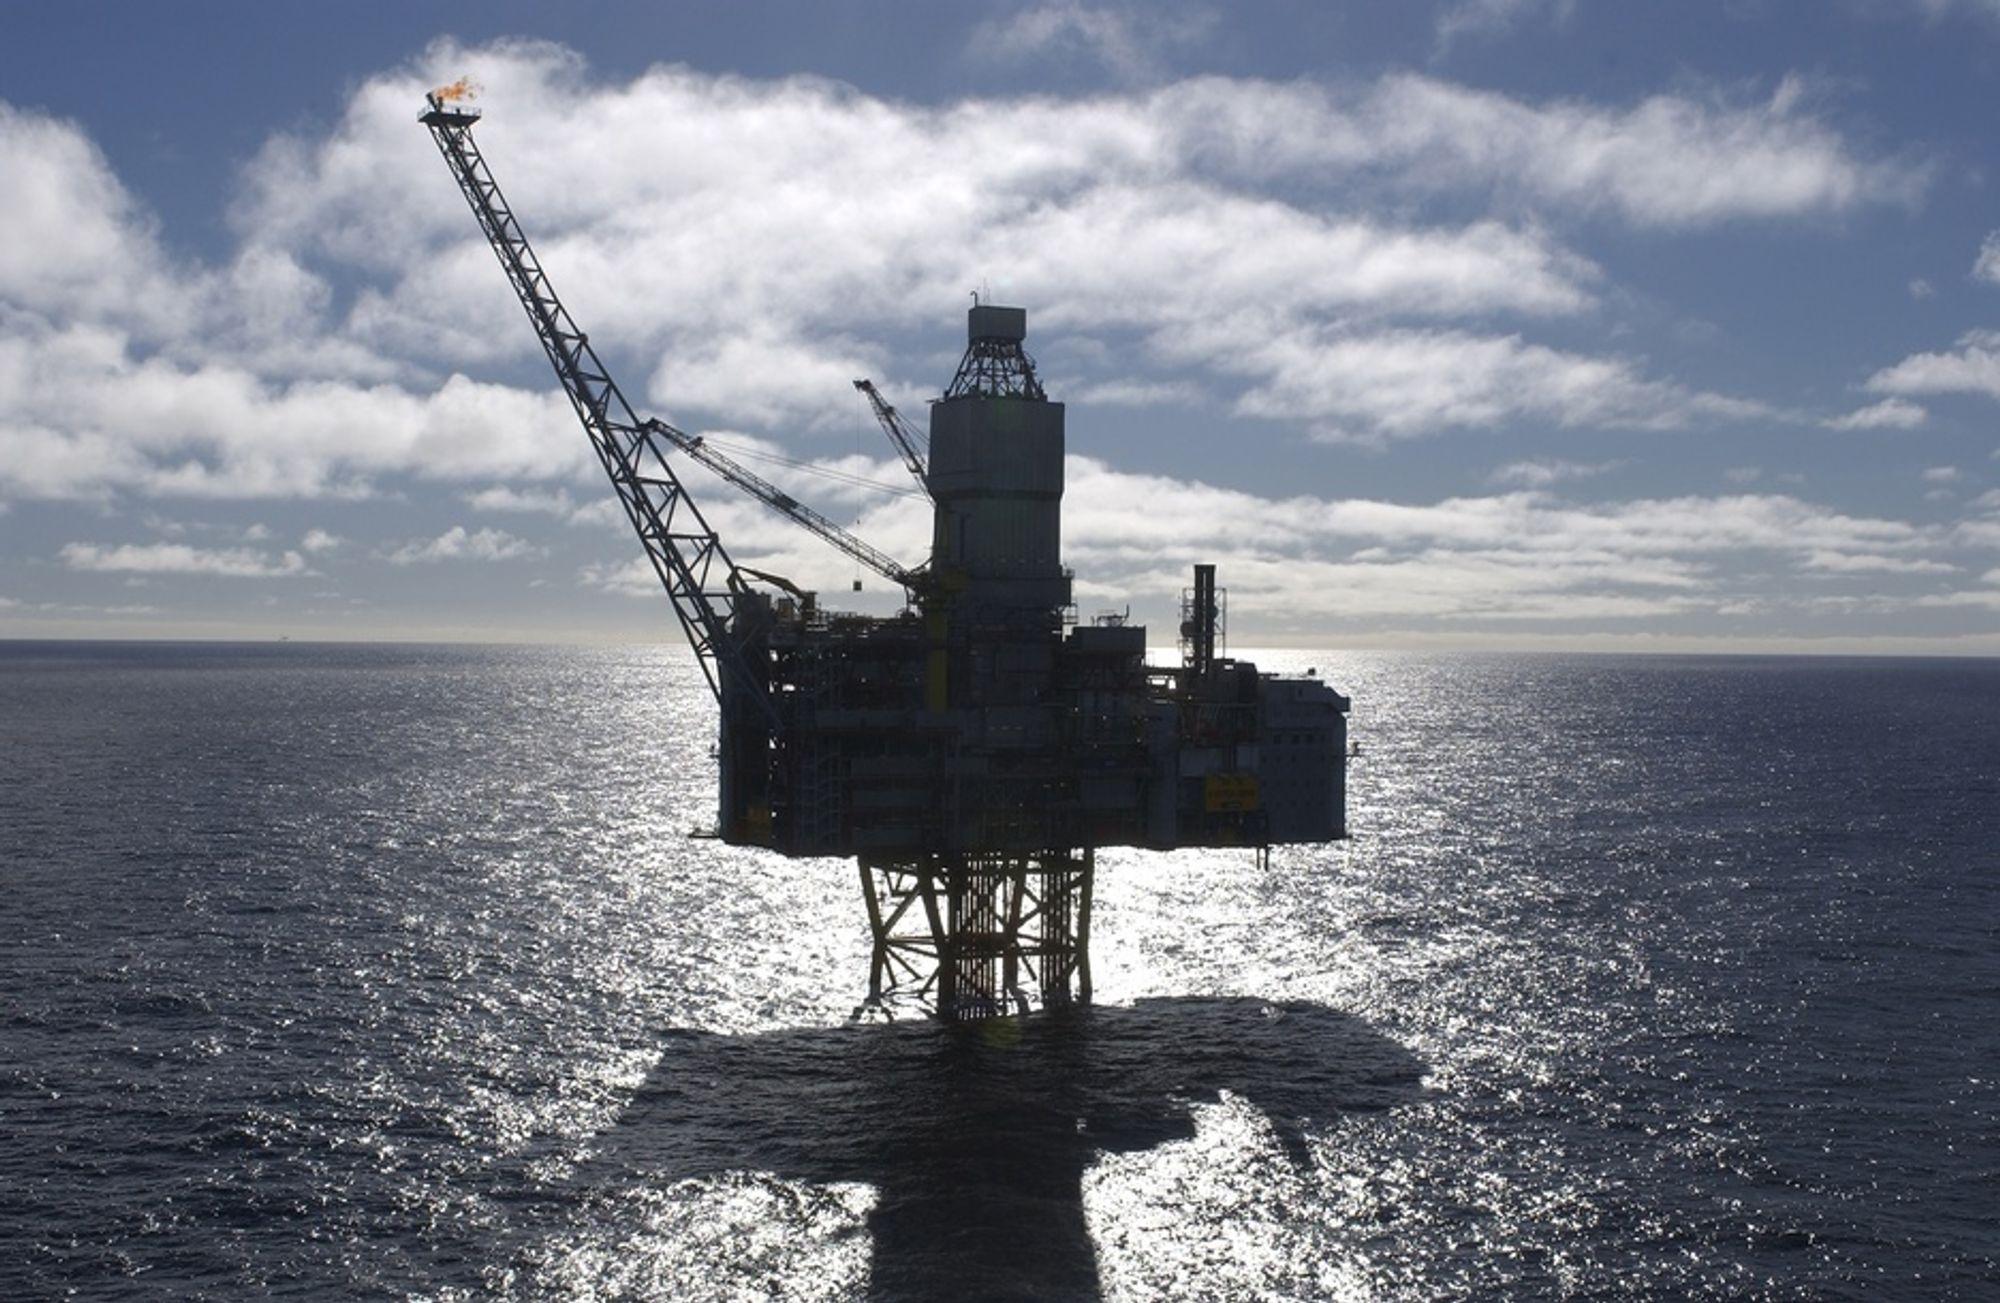 REDUSERT PRODUKSJON: Statoil reduserer produkjonen fra Kvitebjørn og Gullfaks Sør for å redde reservoaret, slik at det er mulig å øke utvinningsgraden. Produksjonsmålet for året er redusert fra 1,975 millioner fat per dag, til 1,9 millioner fat.